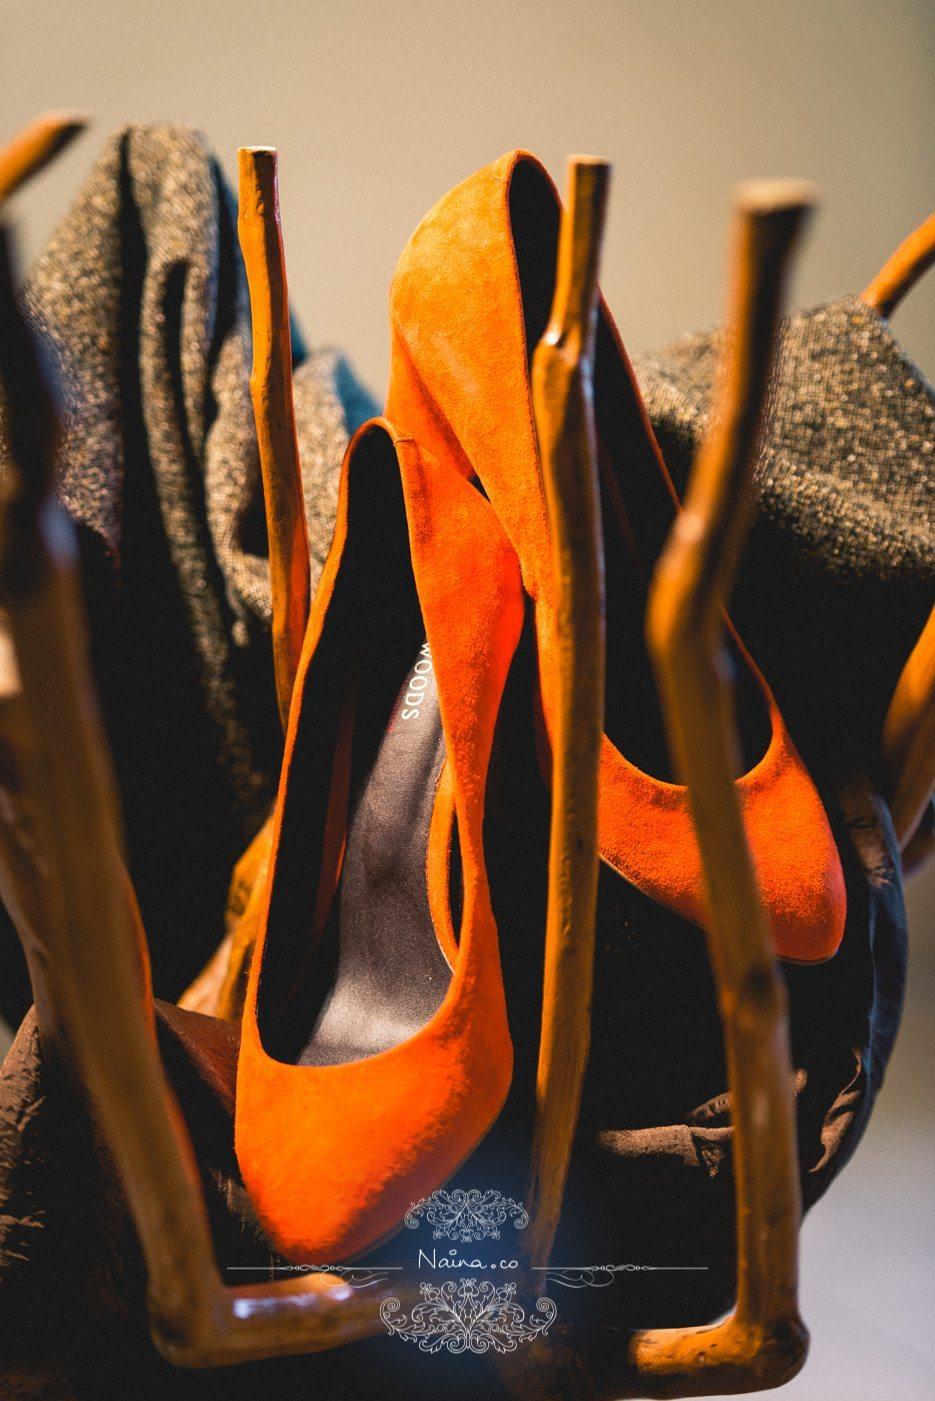 Woods-Woodland-Shoes-Giveaway-Naina.co-Blogger-January-2013-Thumb